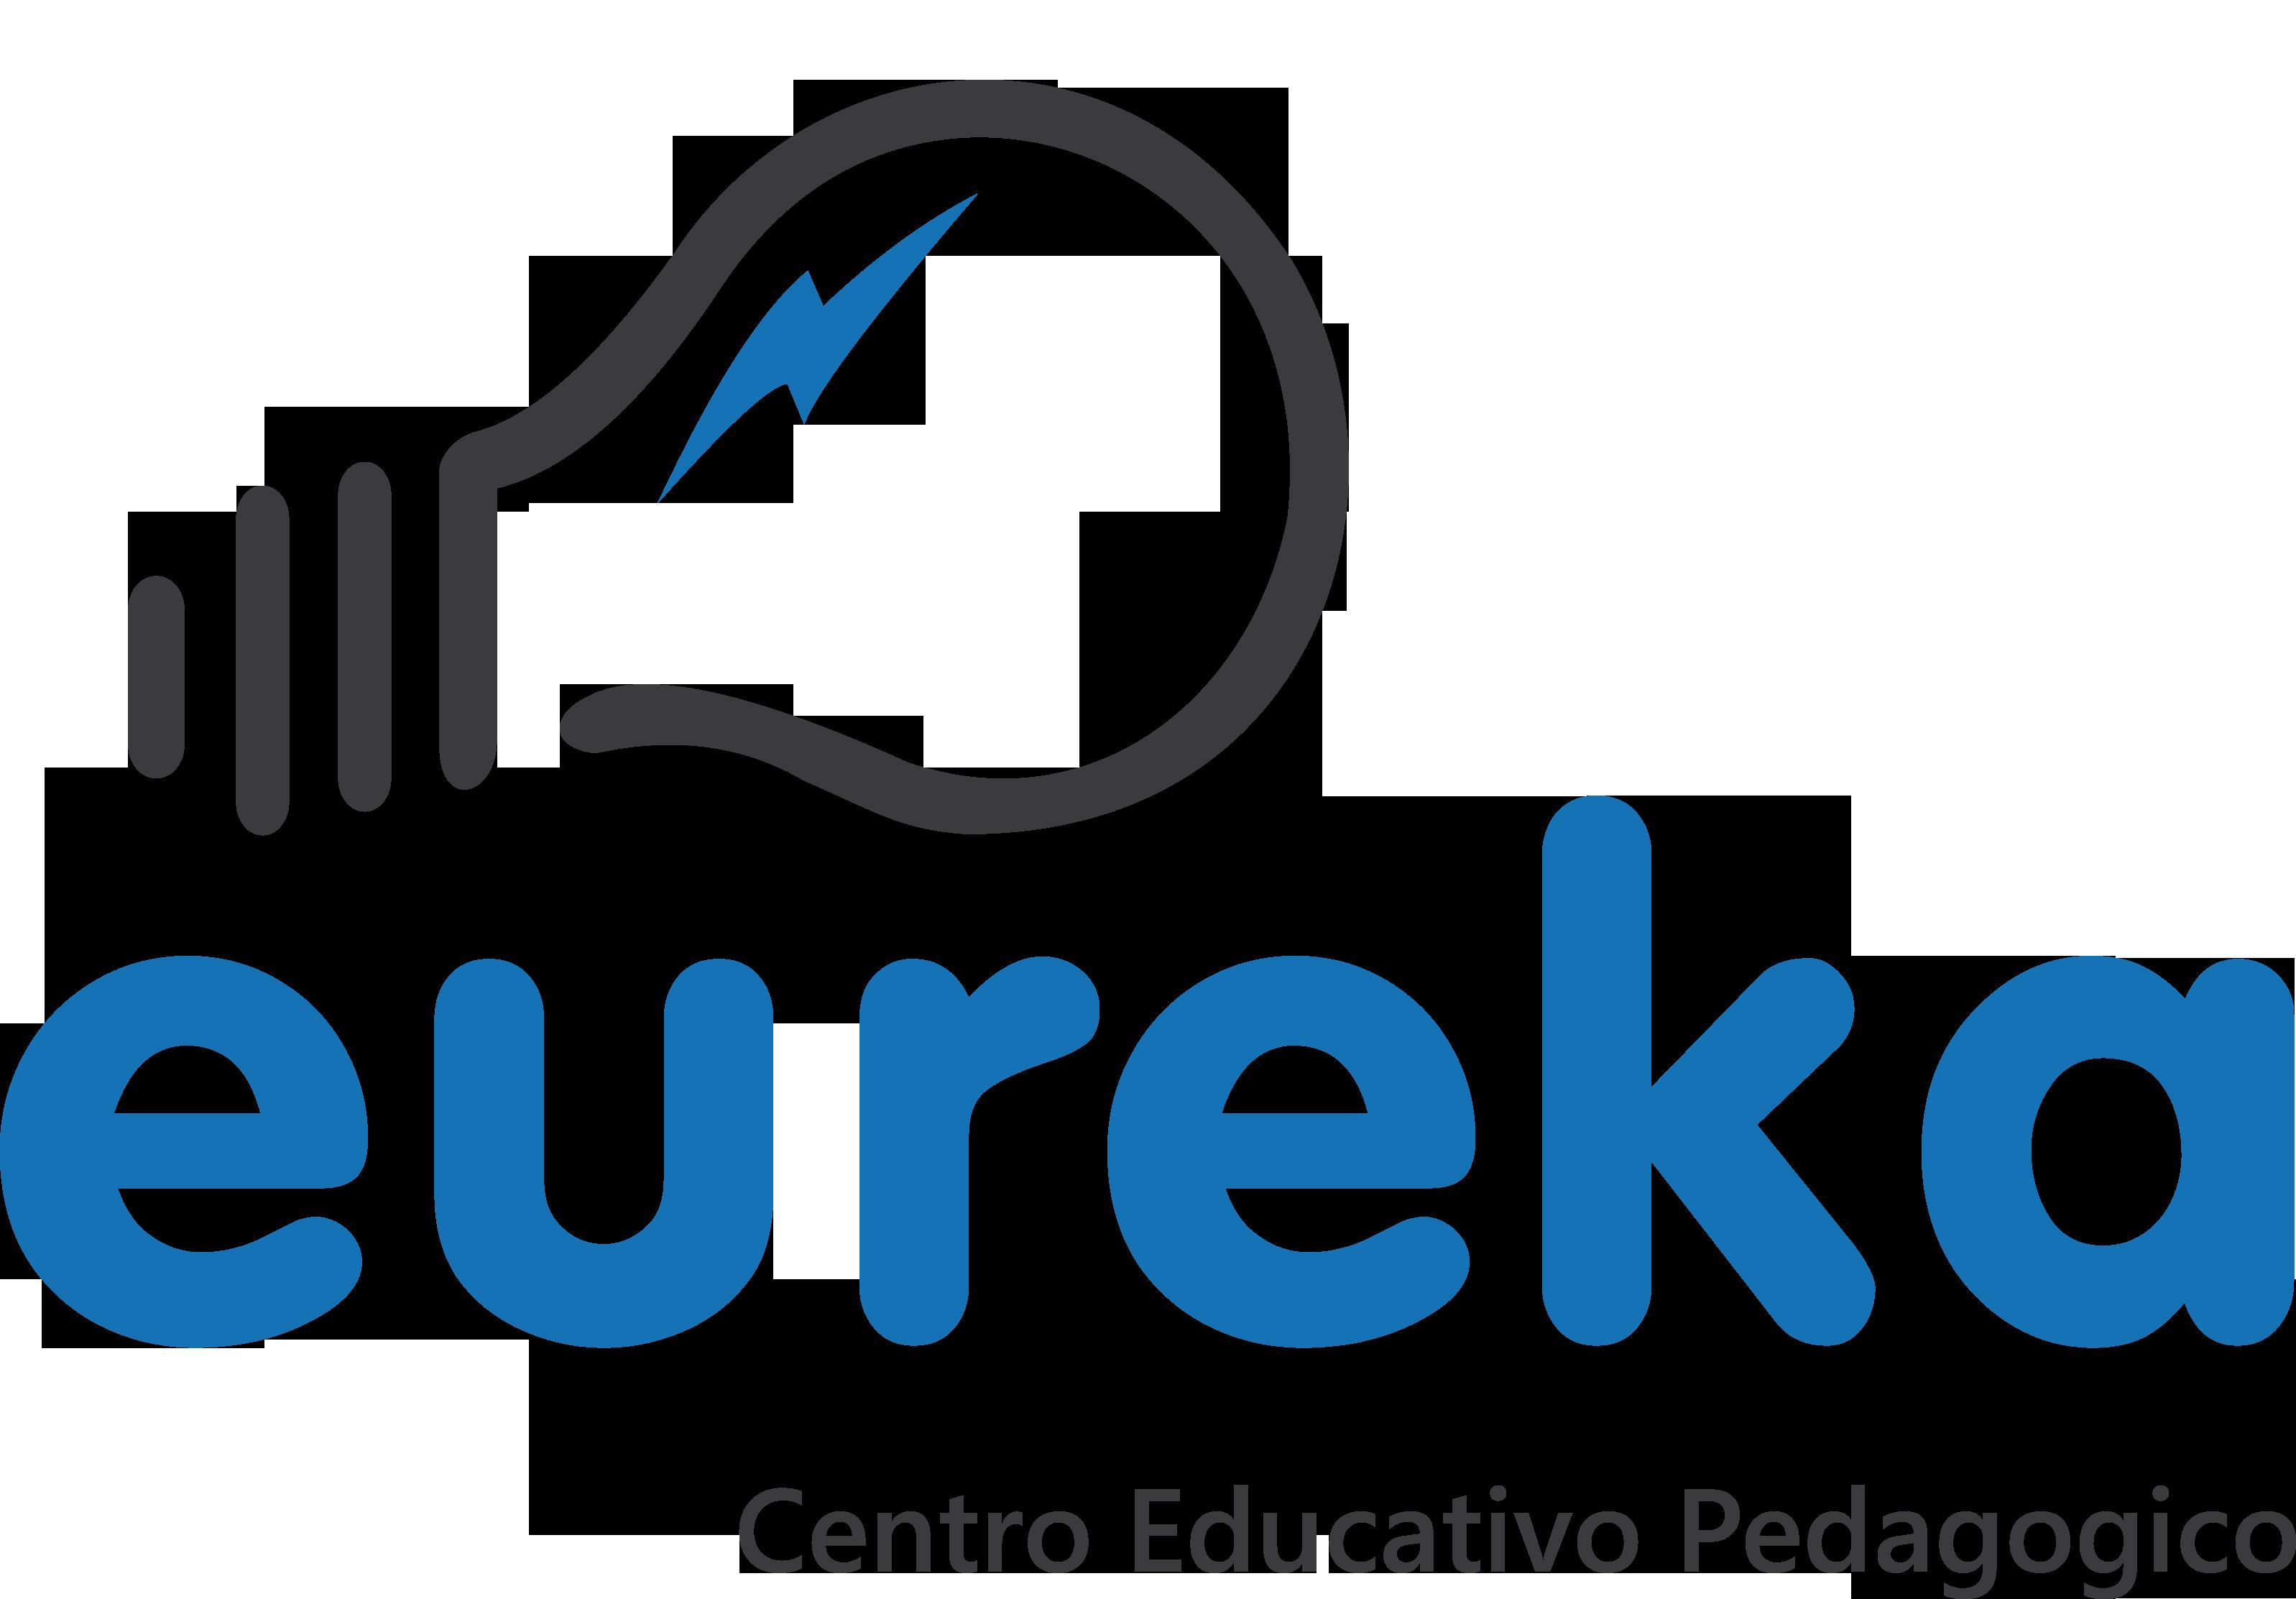 Eurekando